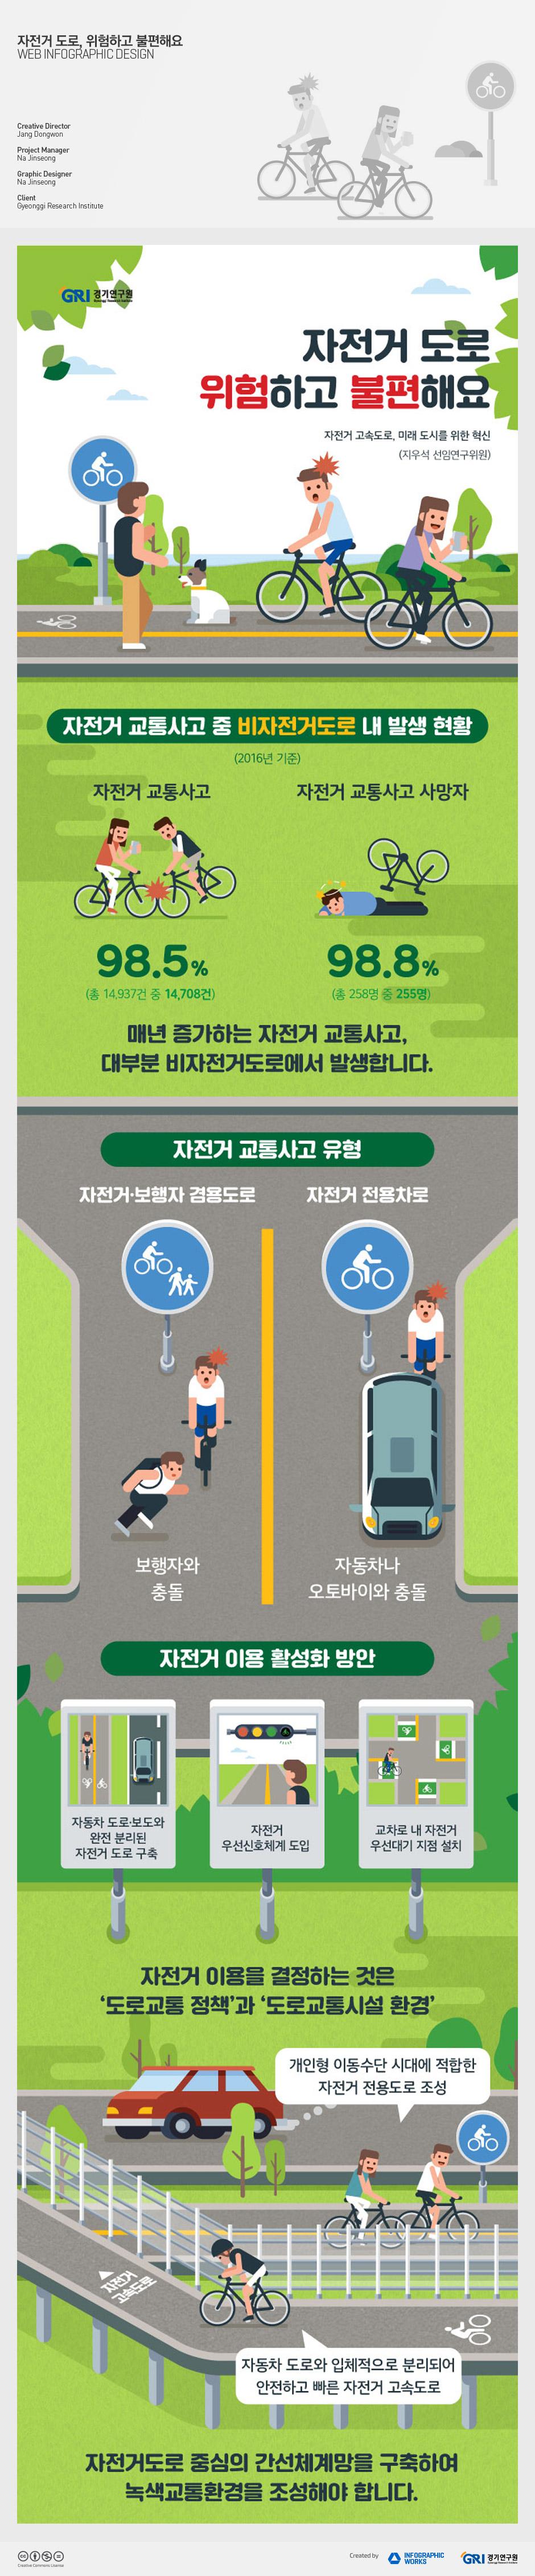 본문-[경기연구원]자전거도로위험하고-불편해요